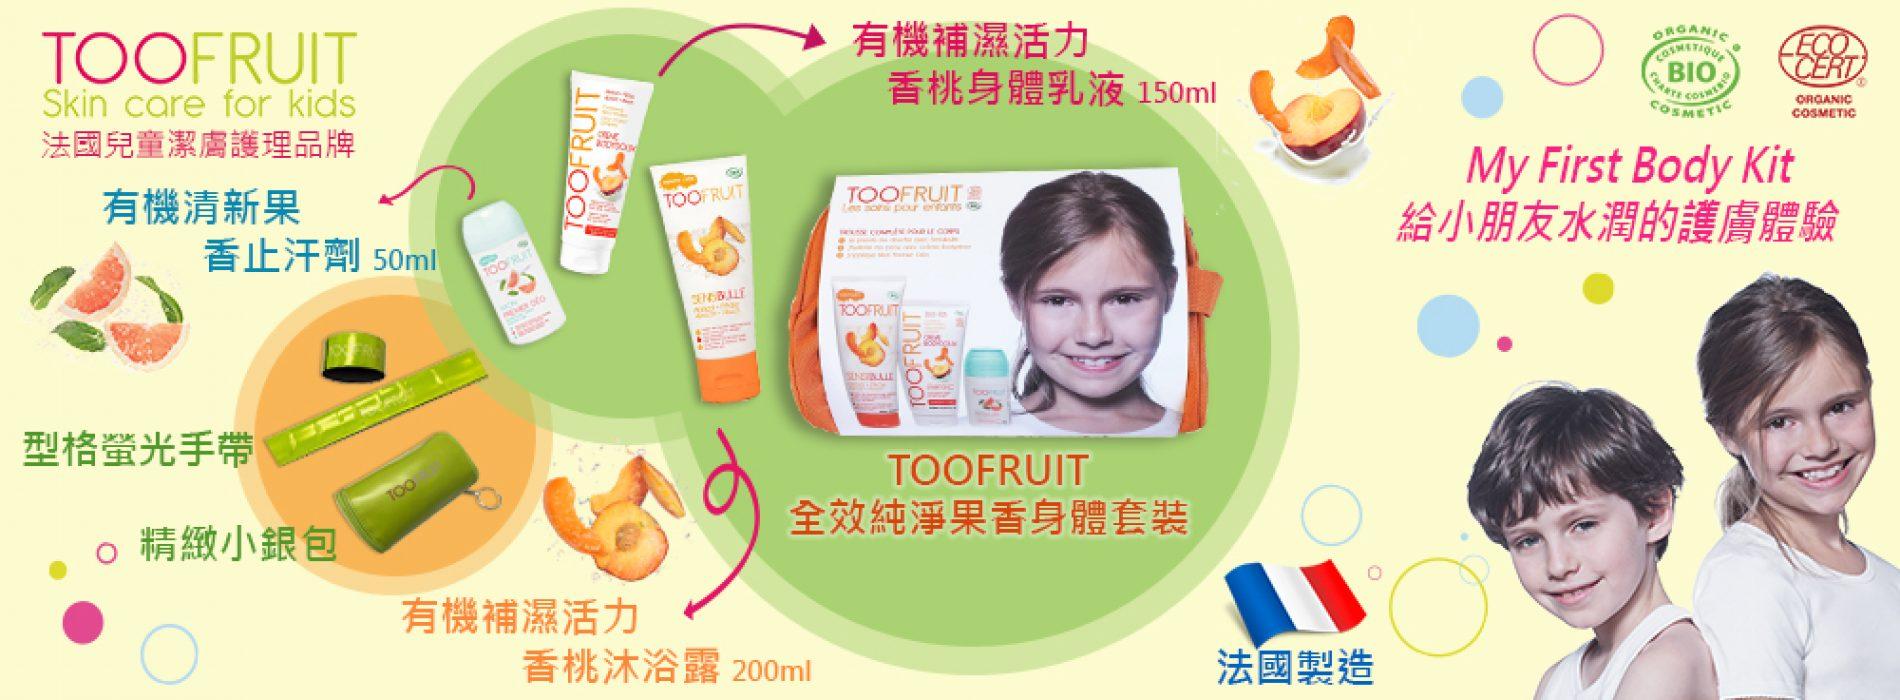 送 總值超過$4,000 「TOOFRUIT 」法國天然有機兒童護膚產品